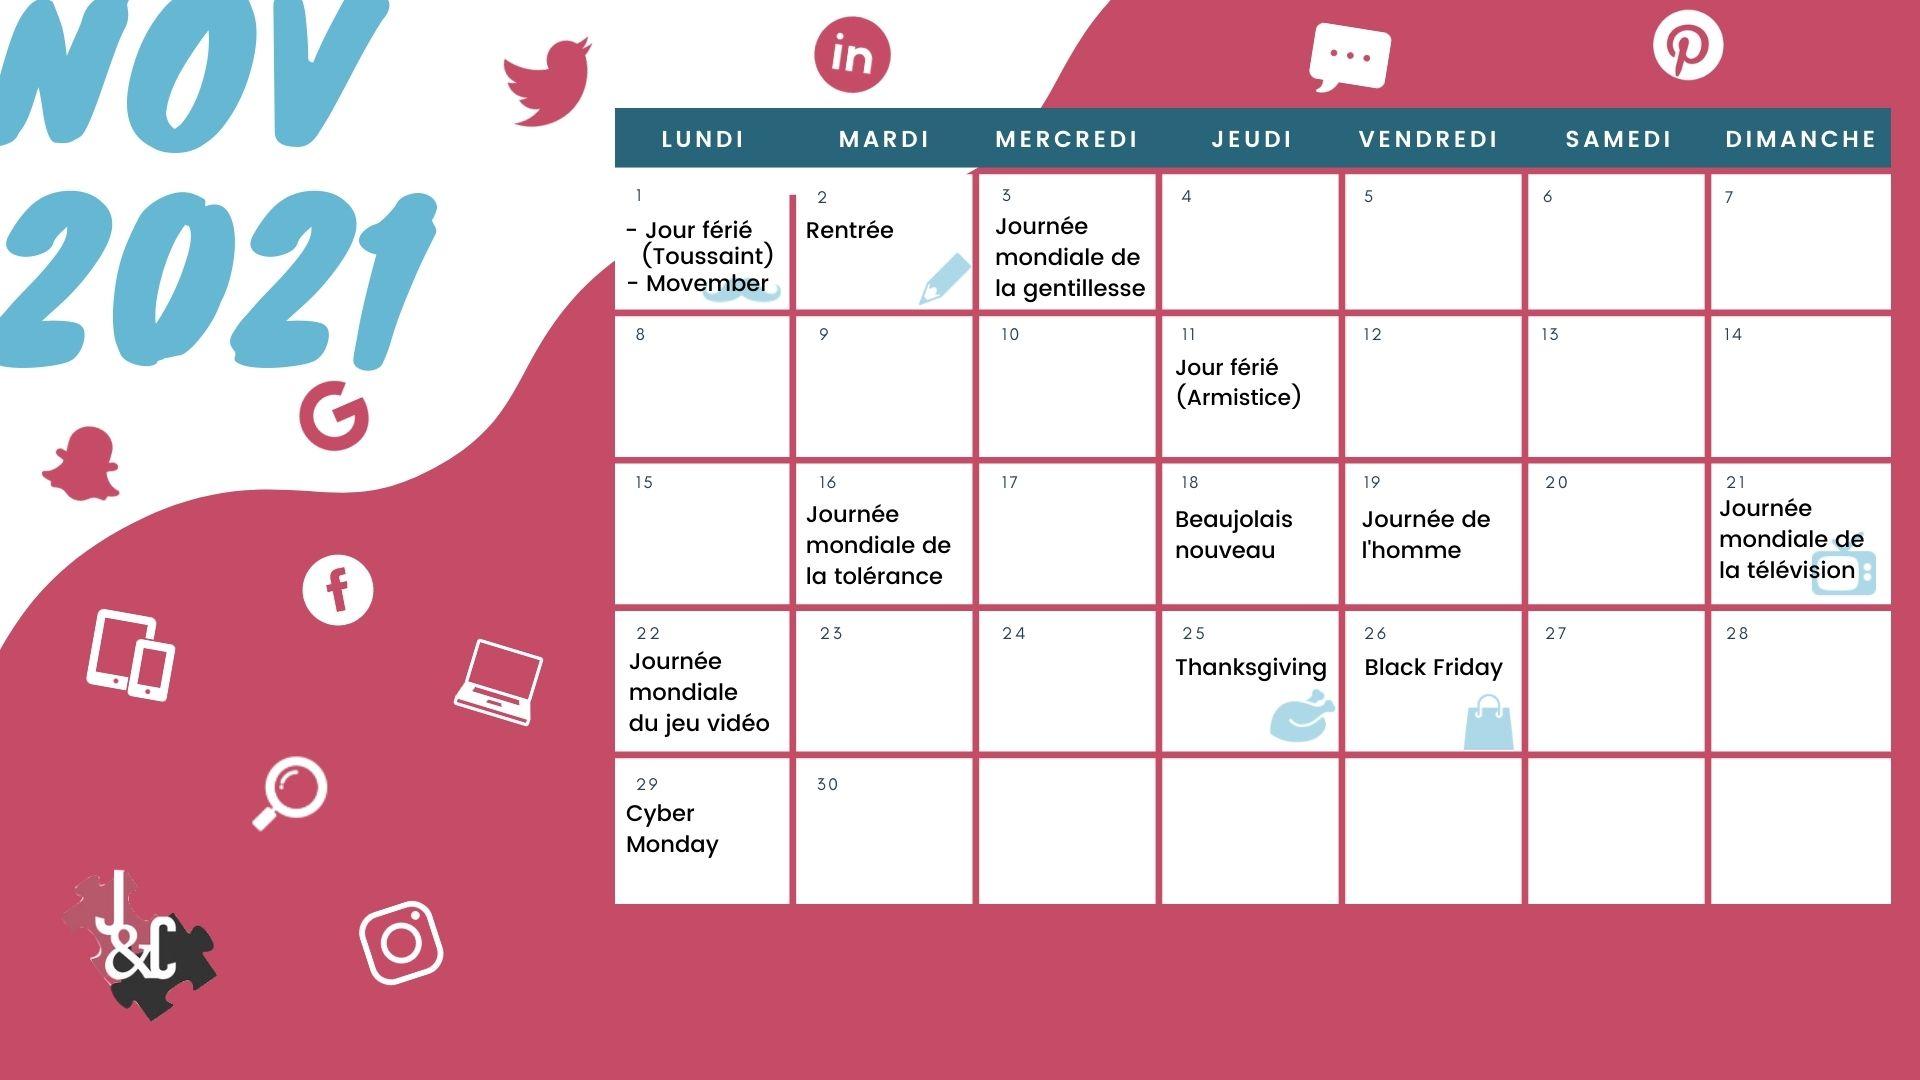 Découvrez tous les événement du mois grâce à votre calendrier marronnier novembre 2021 !